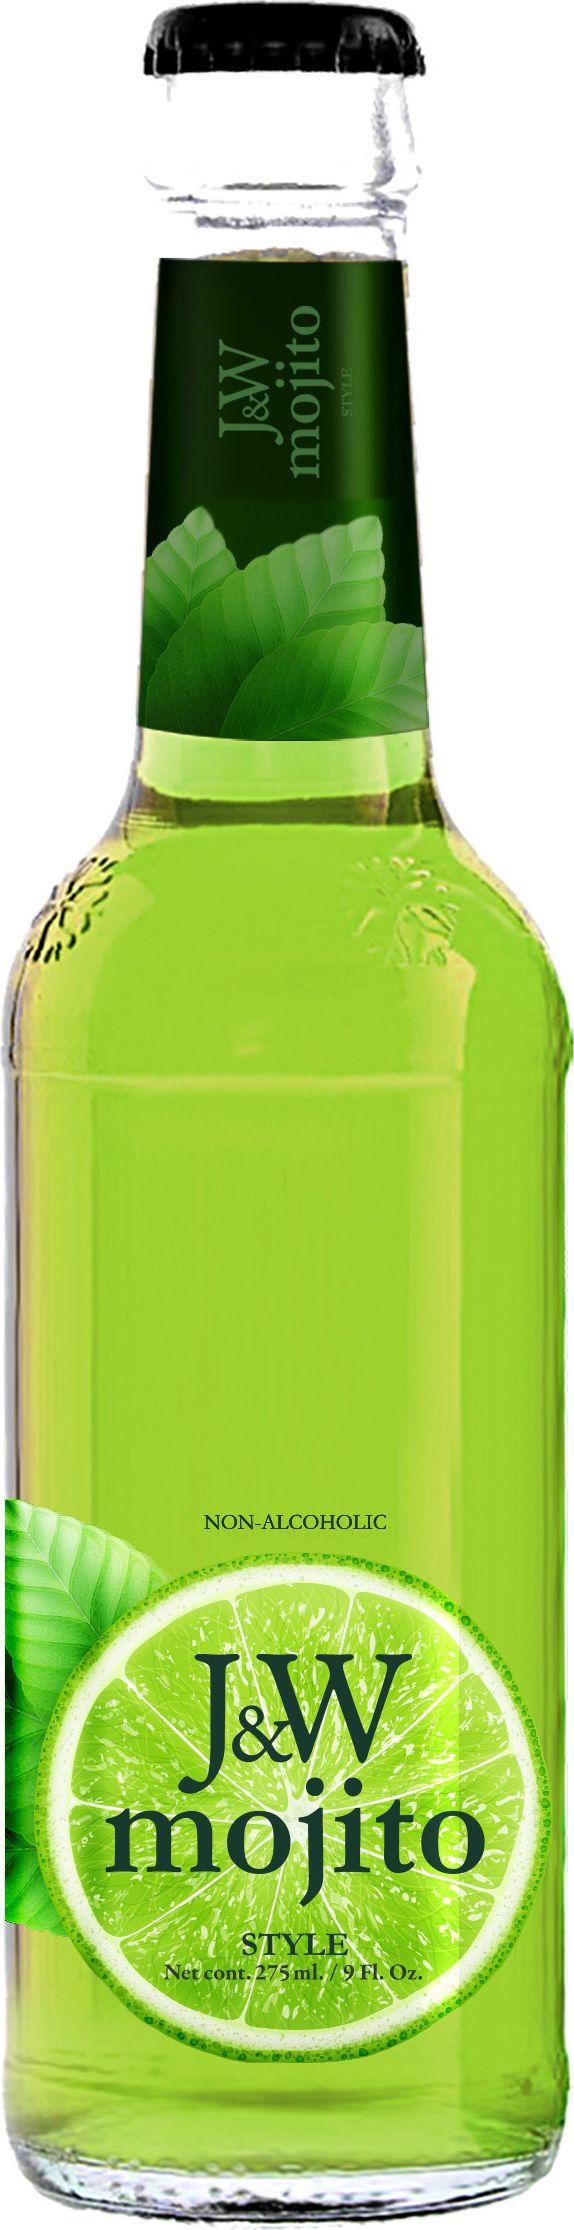 J&W Мохито Напиток газированный, 0,275 л напиток fruktomania мохито 1 5 л